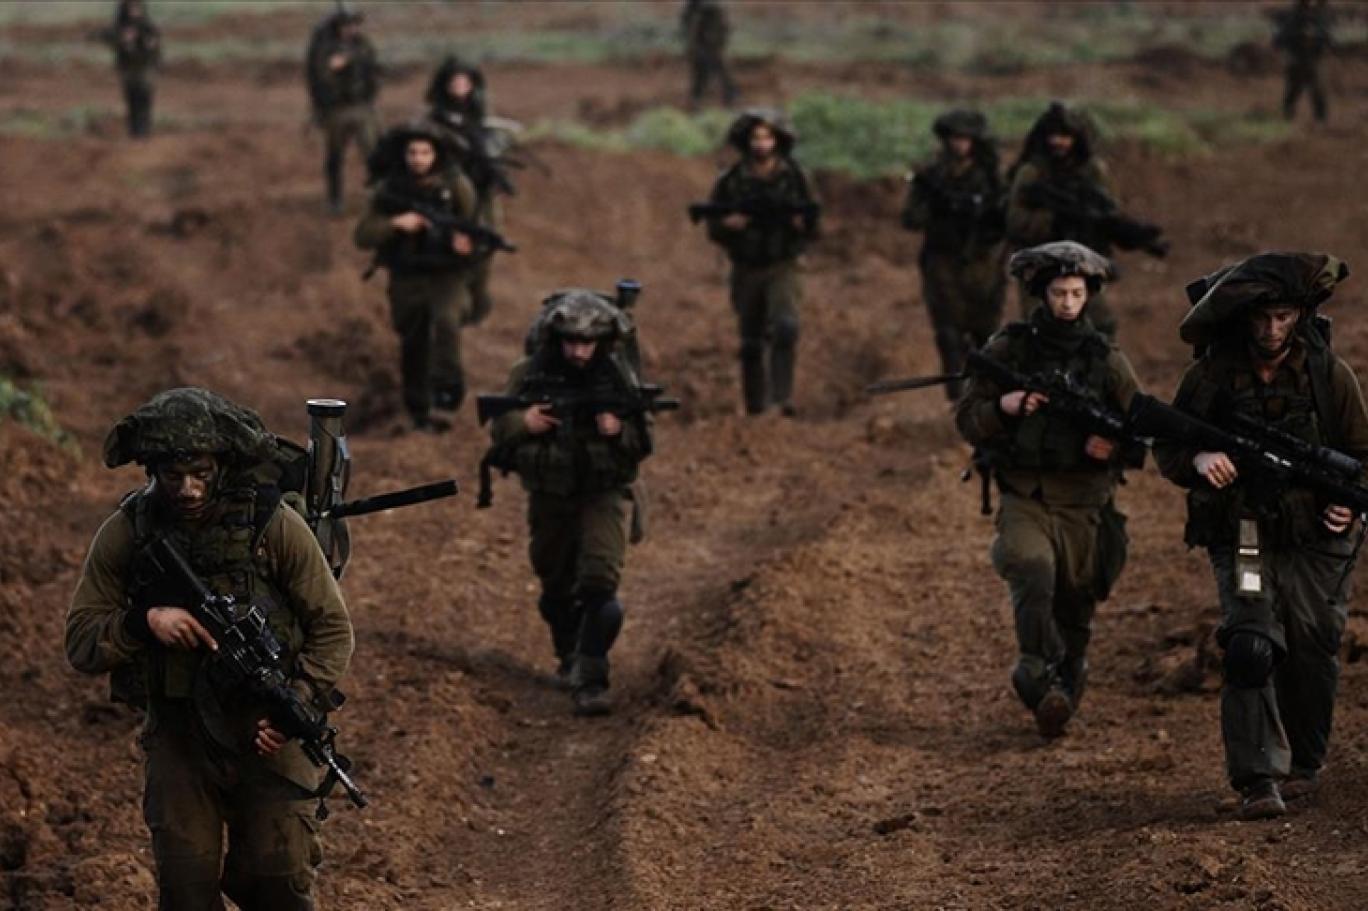 İsrail basını: Askeri yetkililer, Gazze'ye yönelik operasyonun durdurulmasını istiyor